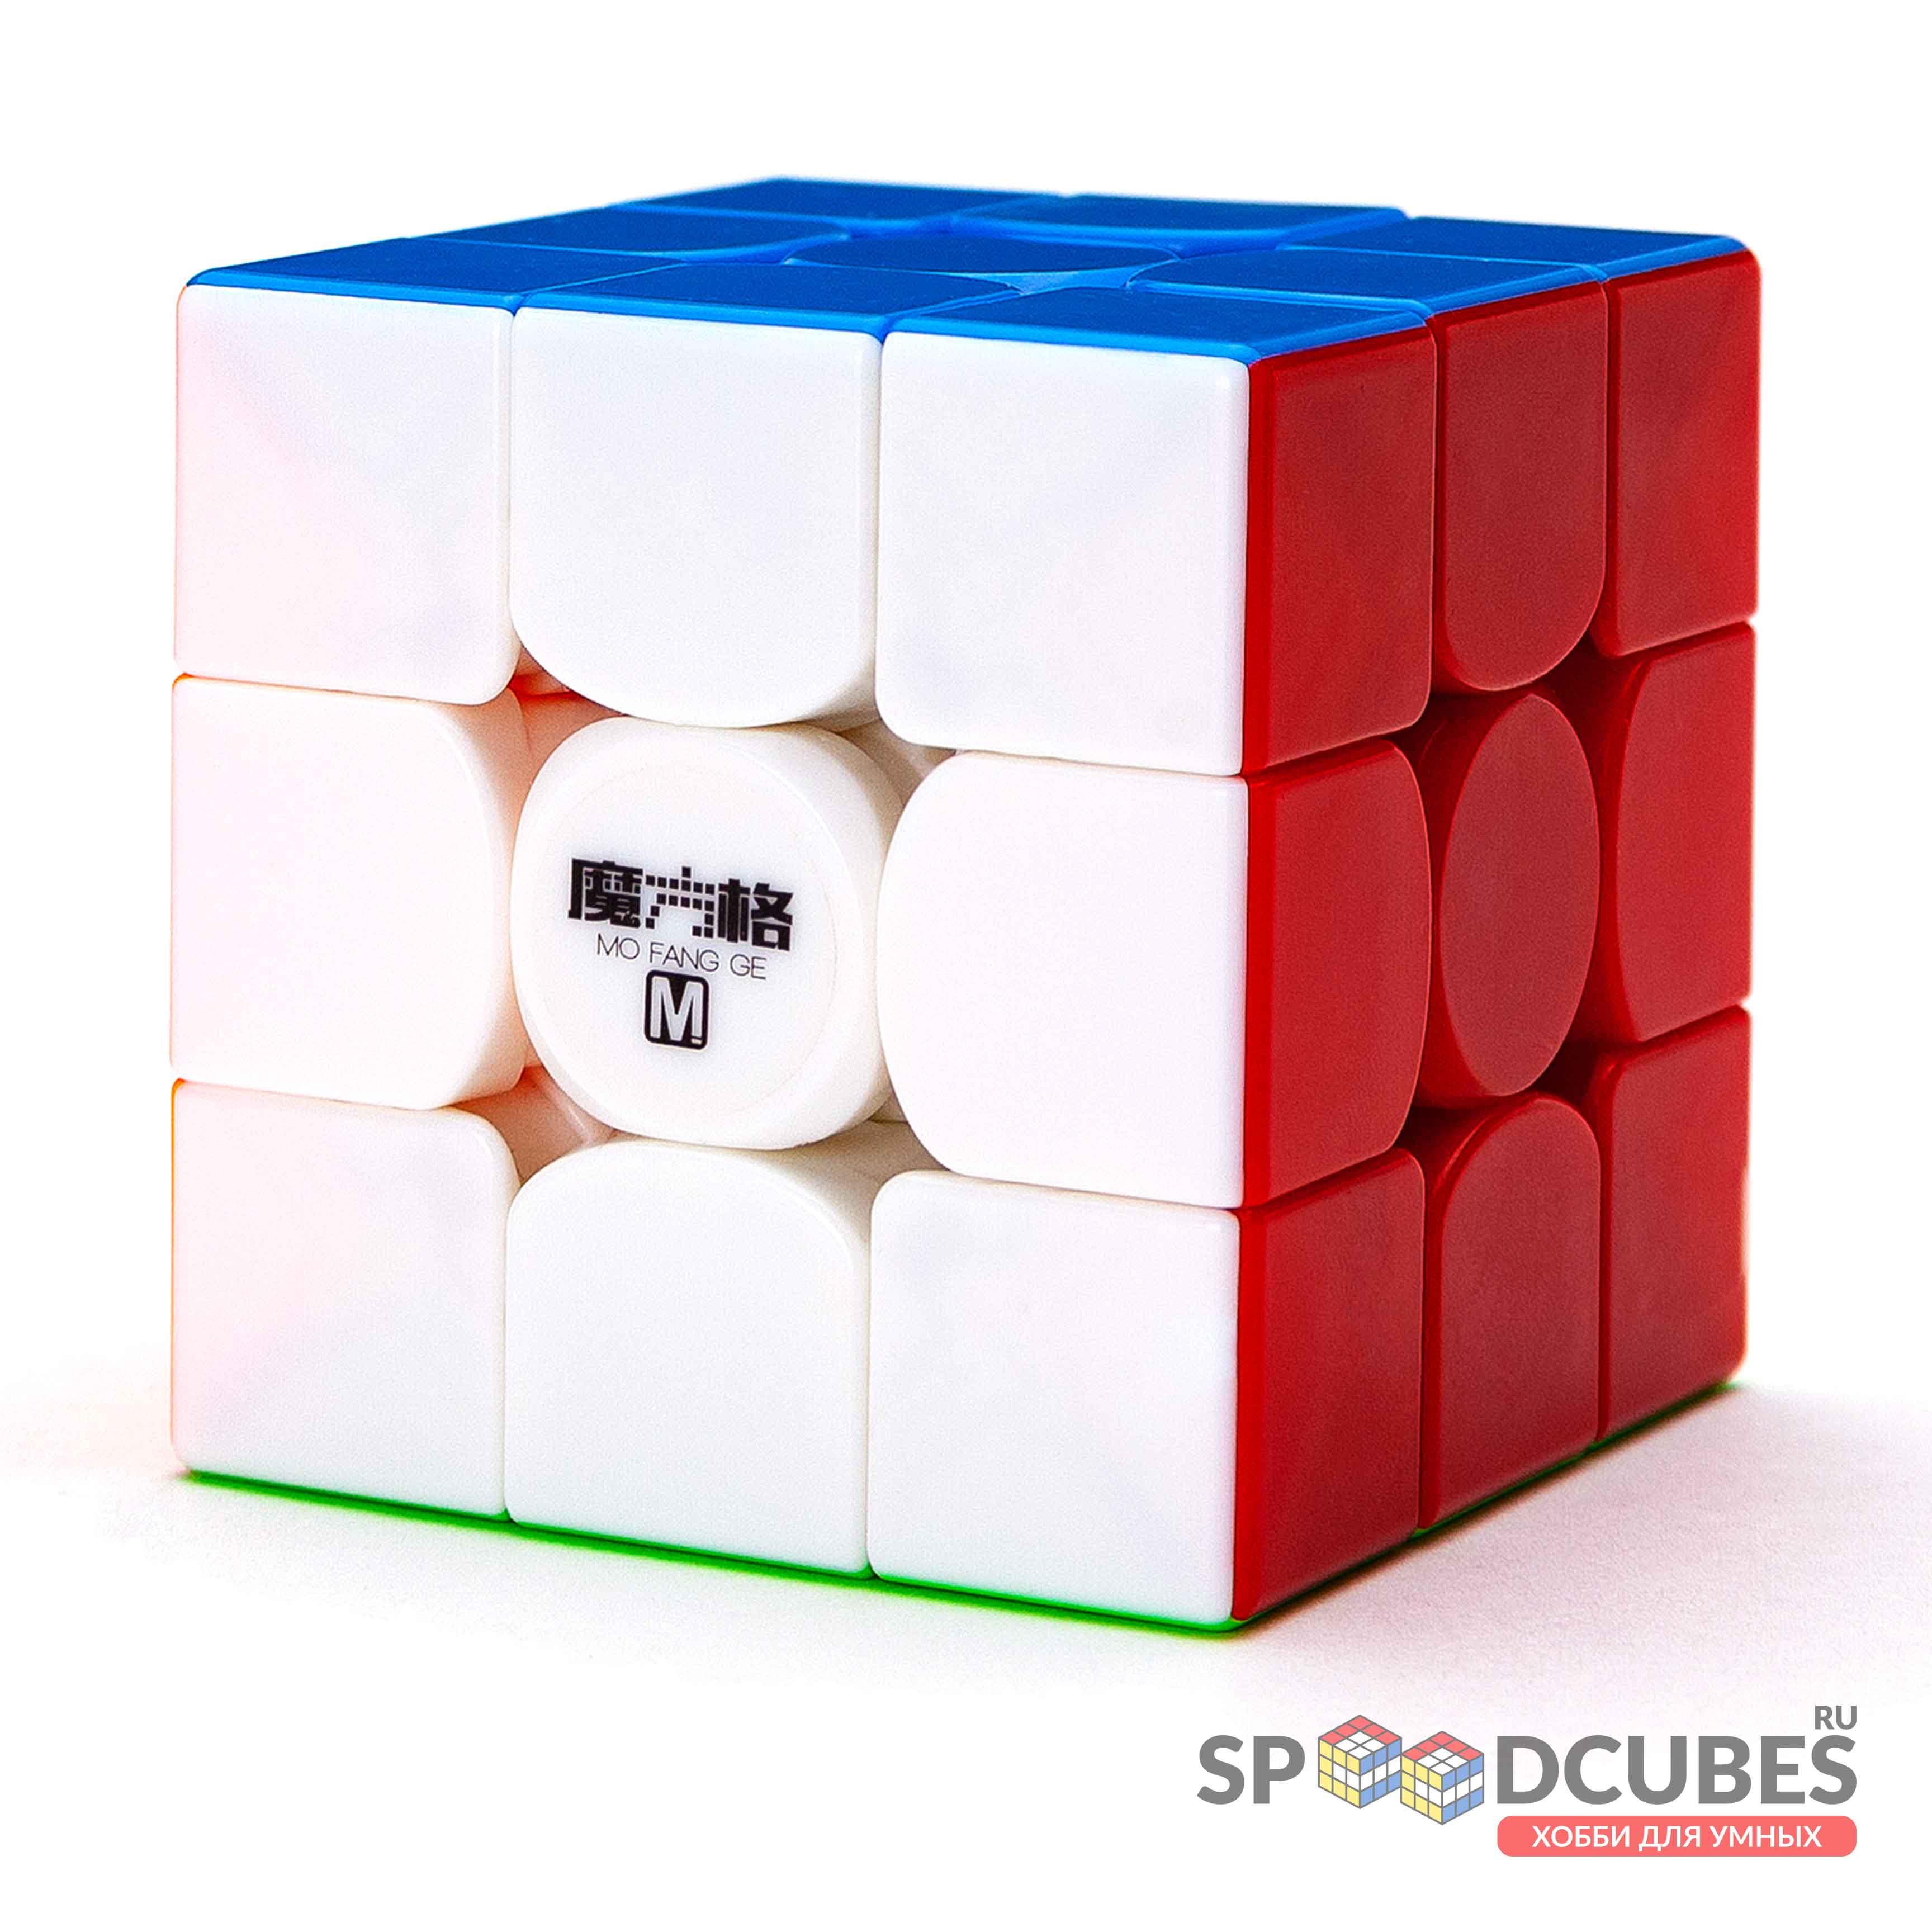 QiYi (MoFangGe) WuWei 3x3x3 M